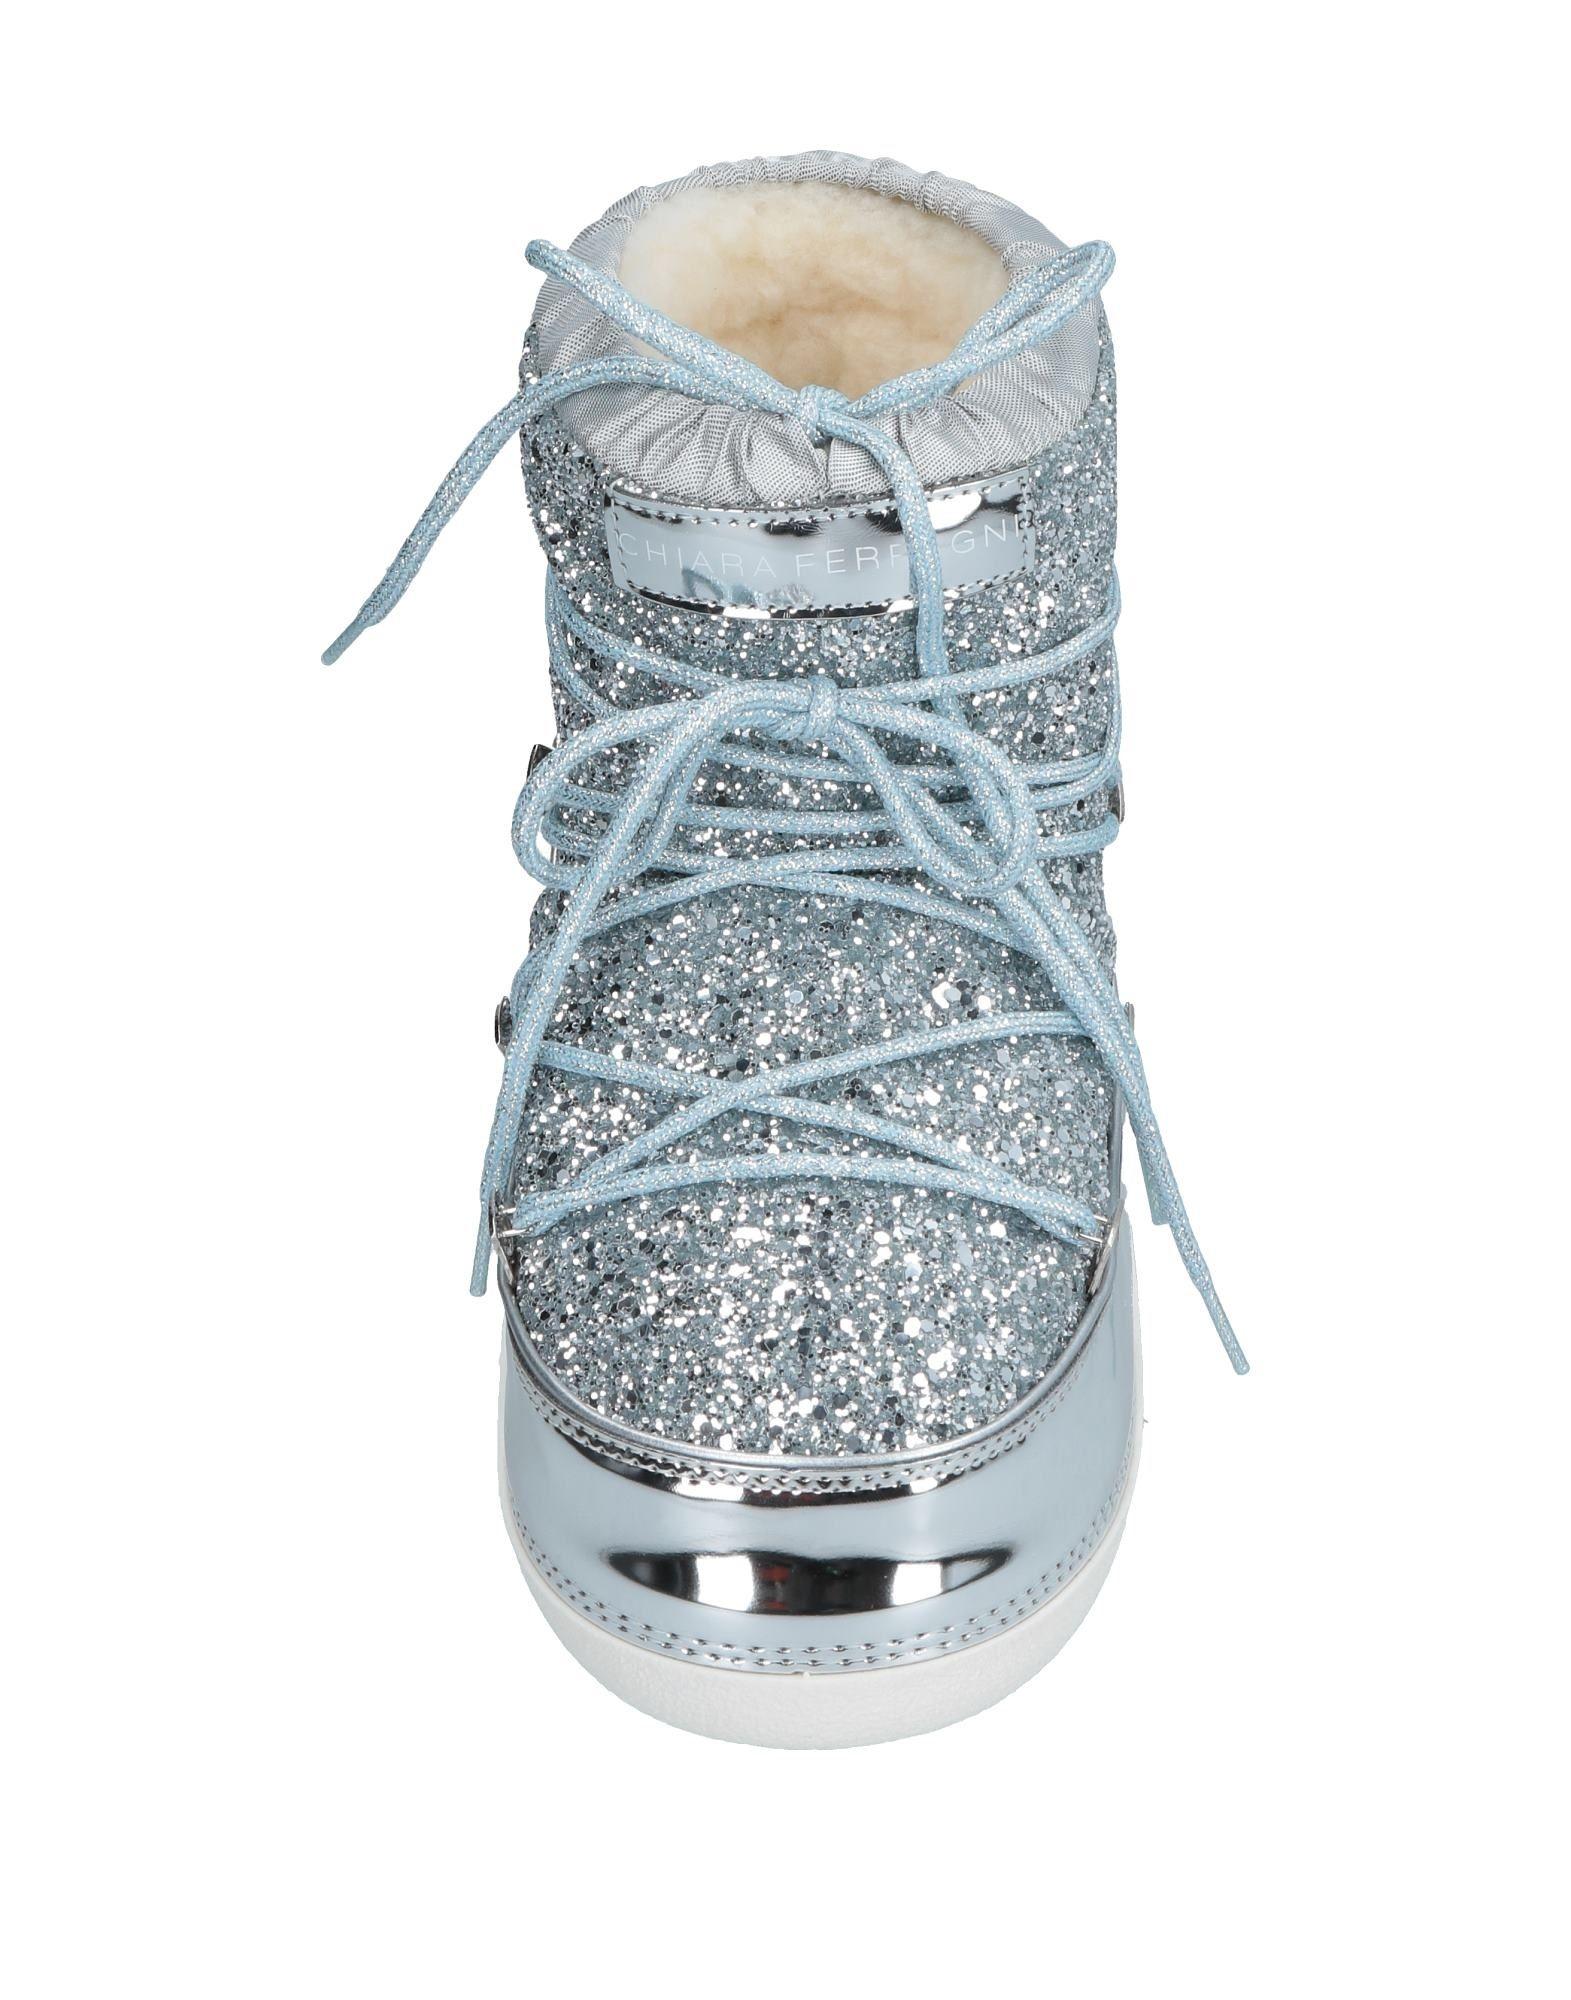 Rabatt Damen Schuhe Chiara Ferragni Stiefelette Damen Rabatt  11556407CL 04cae5